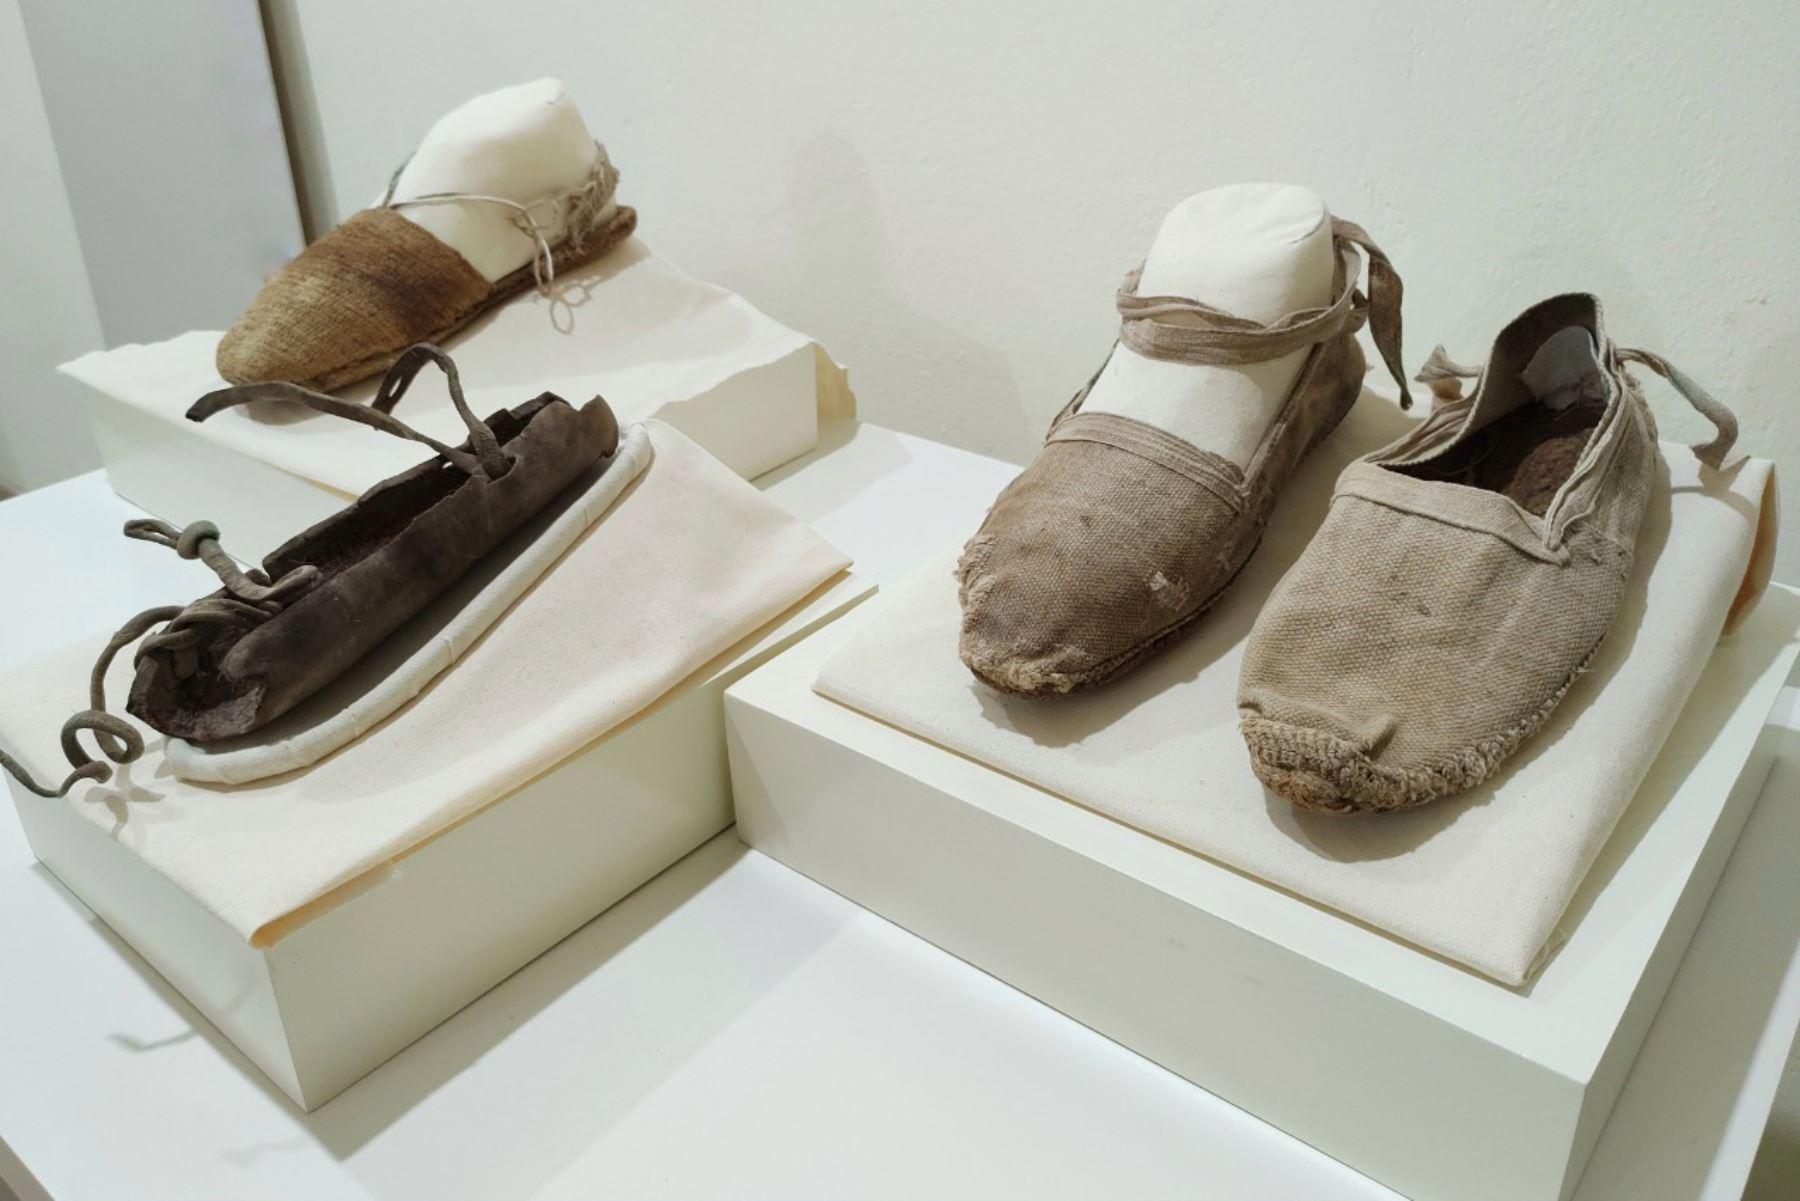 En la época prehispánica, muchas culturas emplearon caña brava e ichu para la elaboración del calzado, así como cuero de camélidos y venados en zonas de altura y agrestes. ANDINA/ Municipalidad de Lima